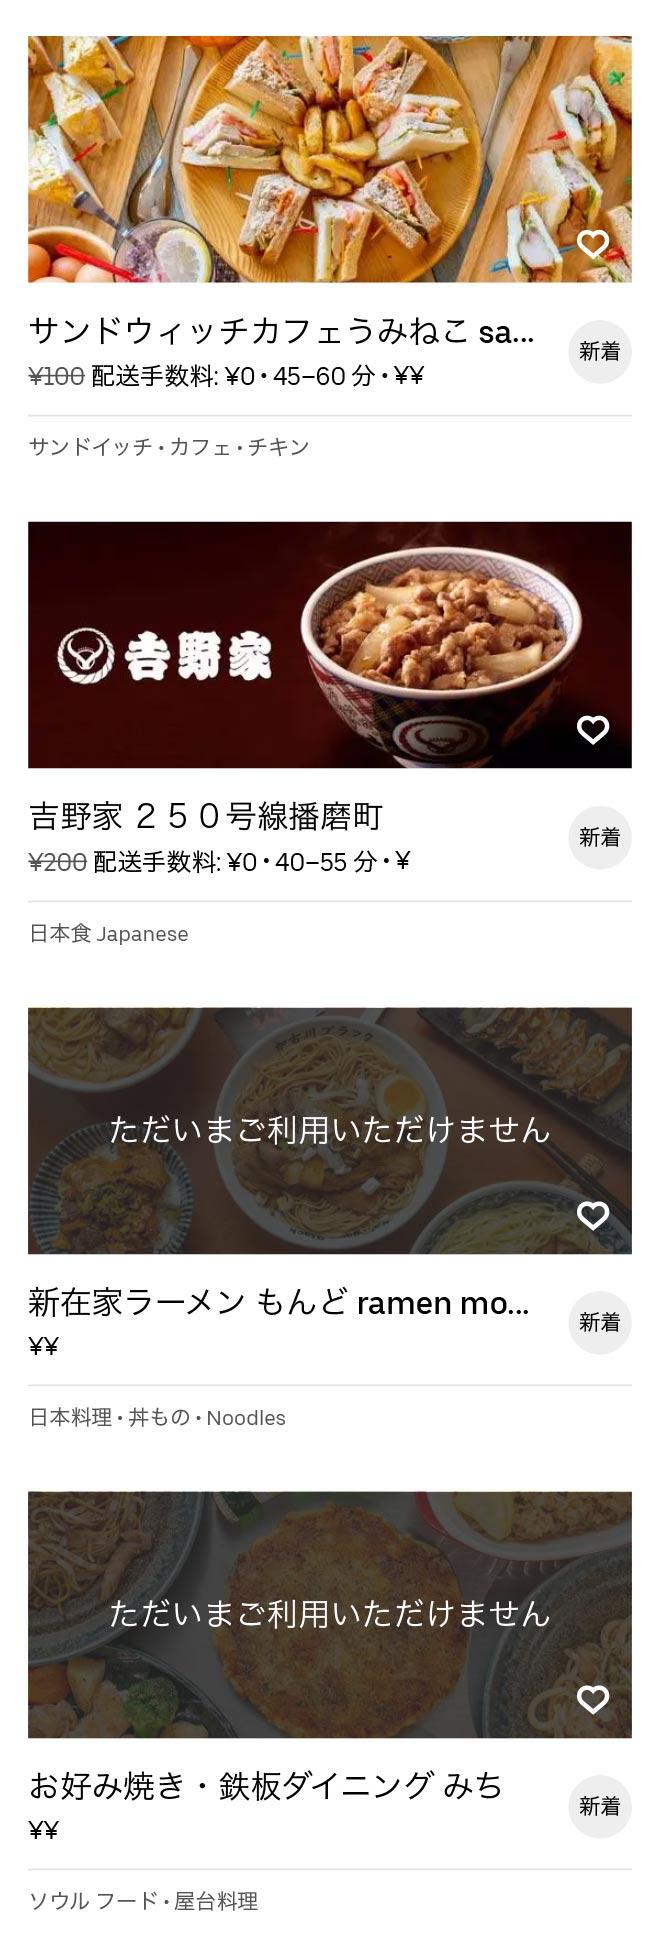 Kakogaw befu menu 2010 6